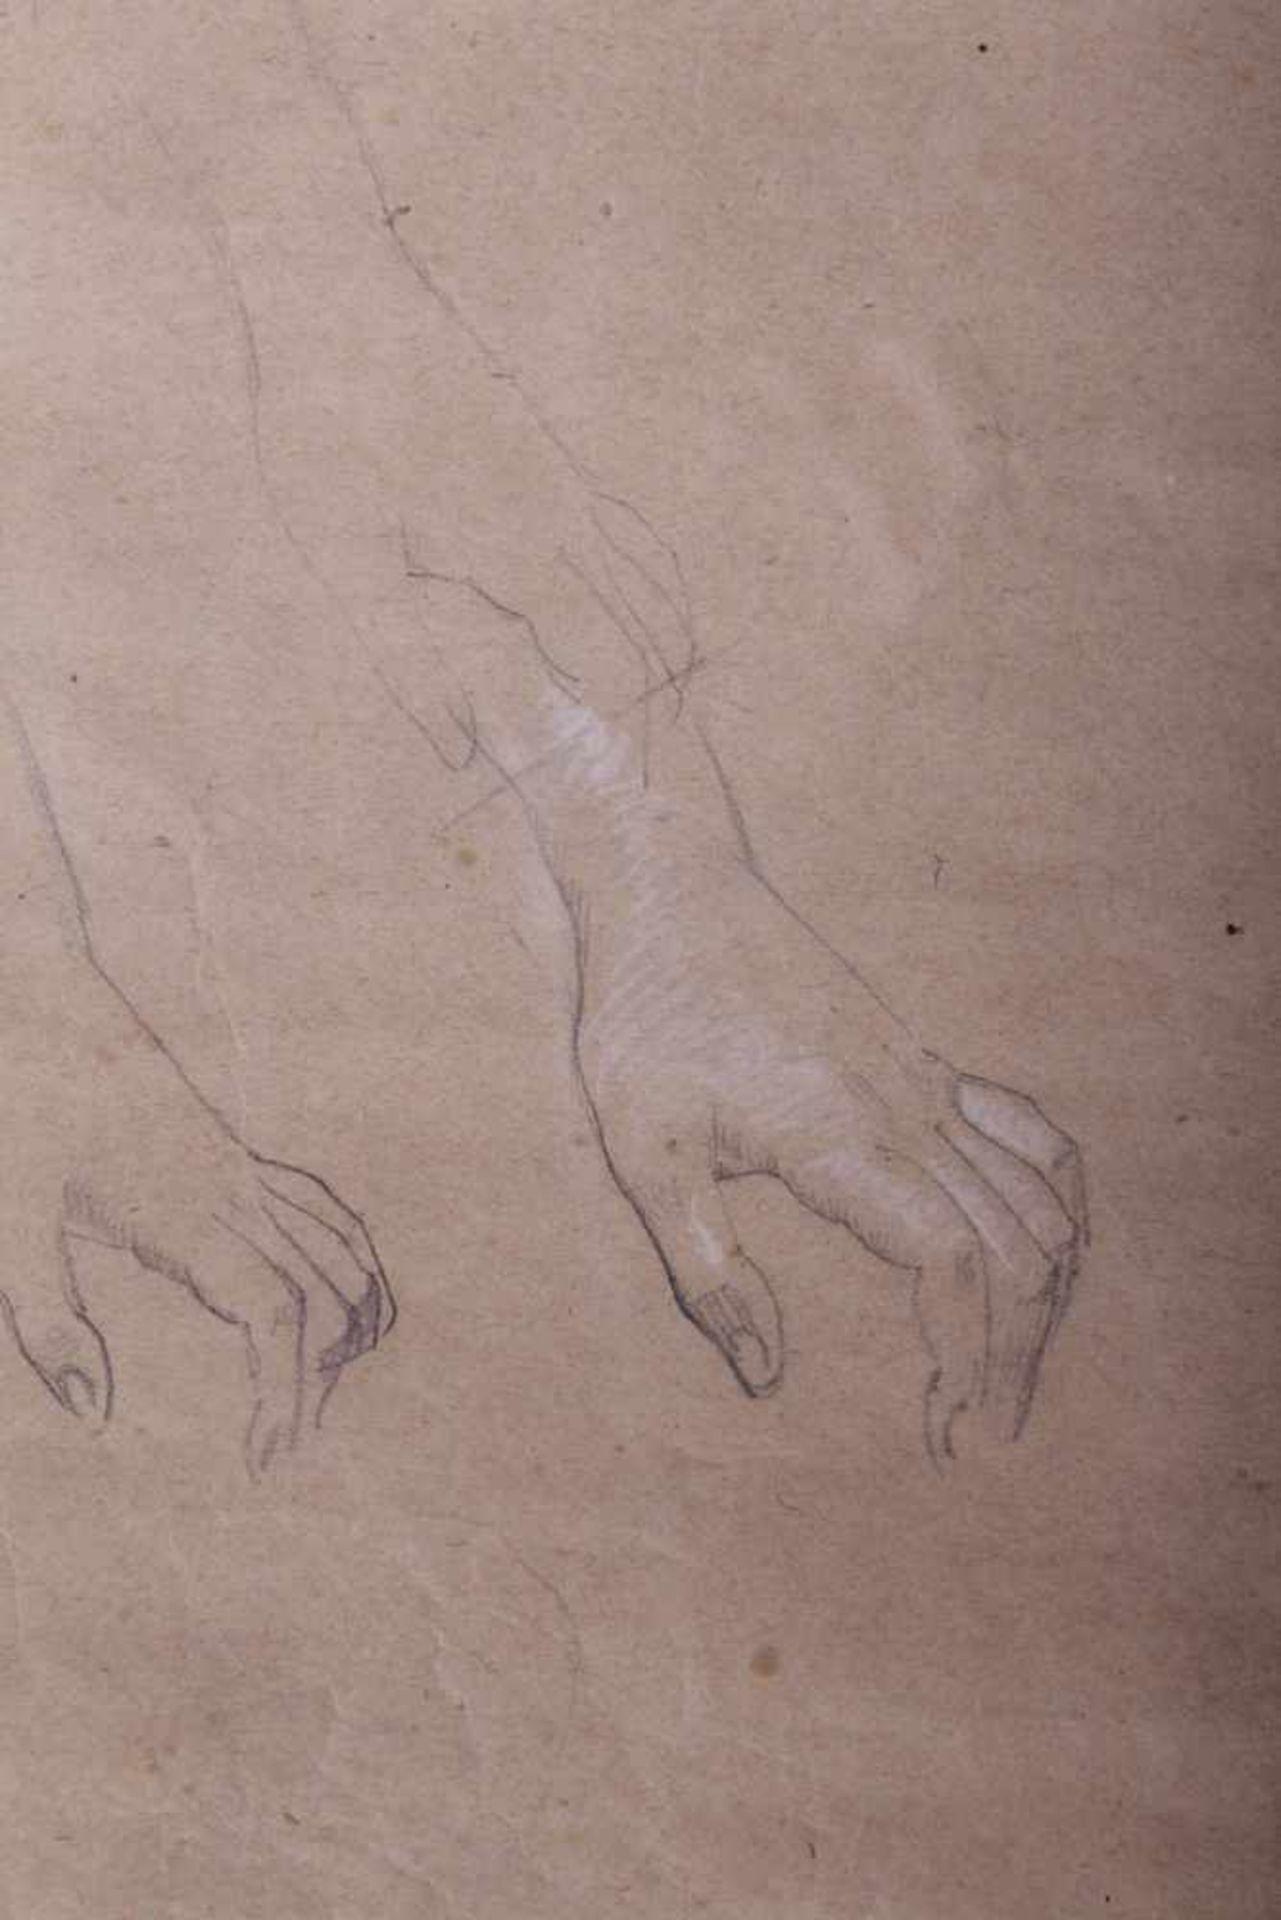 Los 56 - Gustav Klimt 1862-1918, Handstudien, Bleistift, weiße Kreide auf Papier, Holzrahmen, hinter Glas,